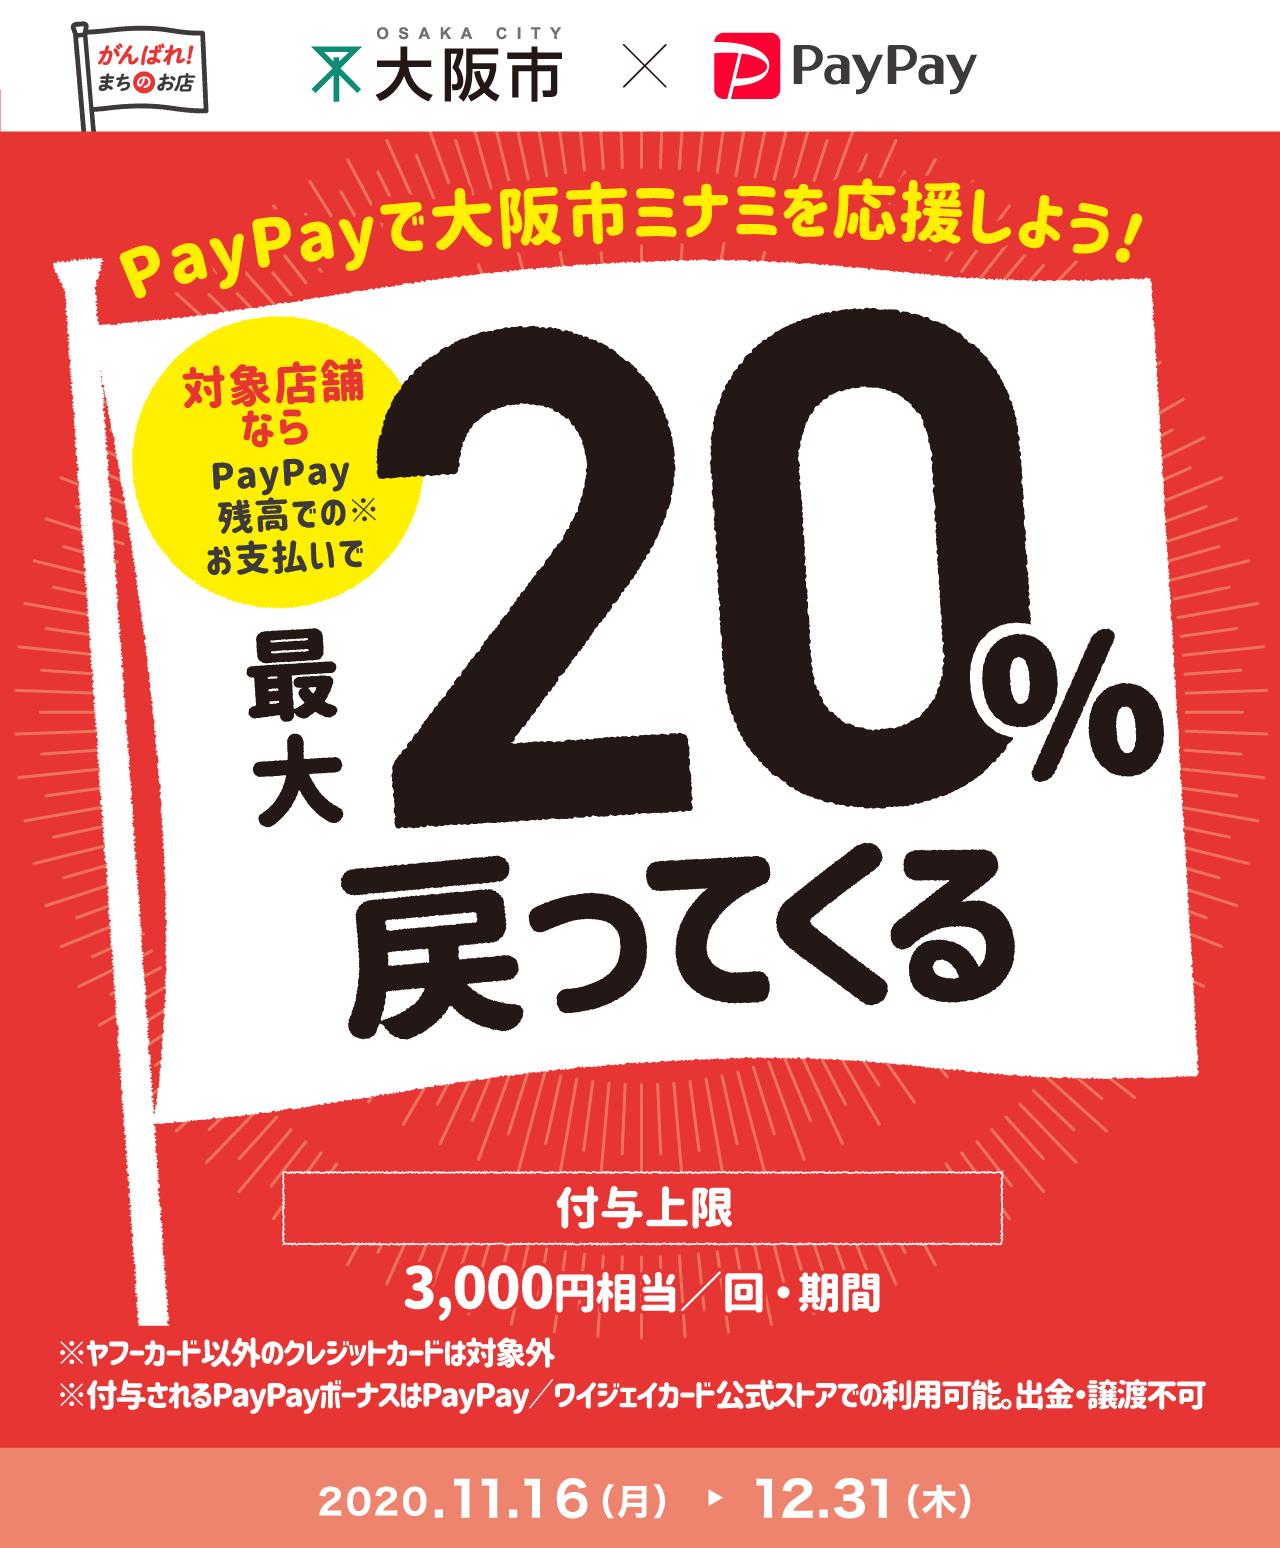 PayPayで大阪市ミナミを応援しよう! 対象店舗ならPayPay残高でのお支払いで 最大20%戻ってくる